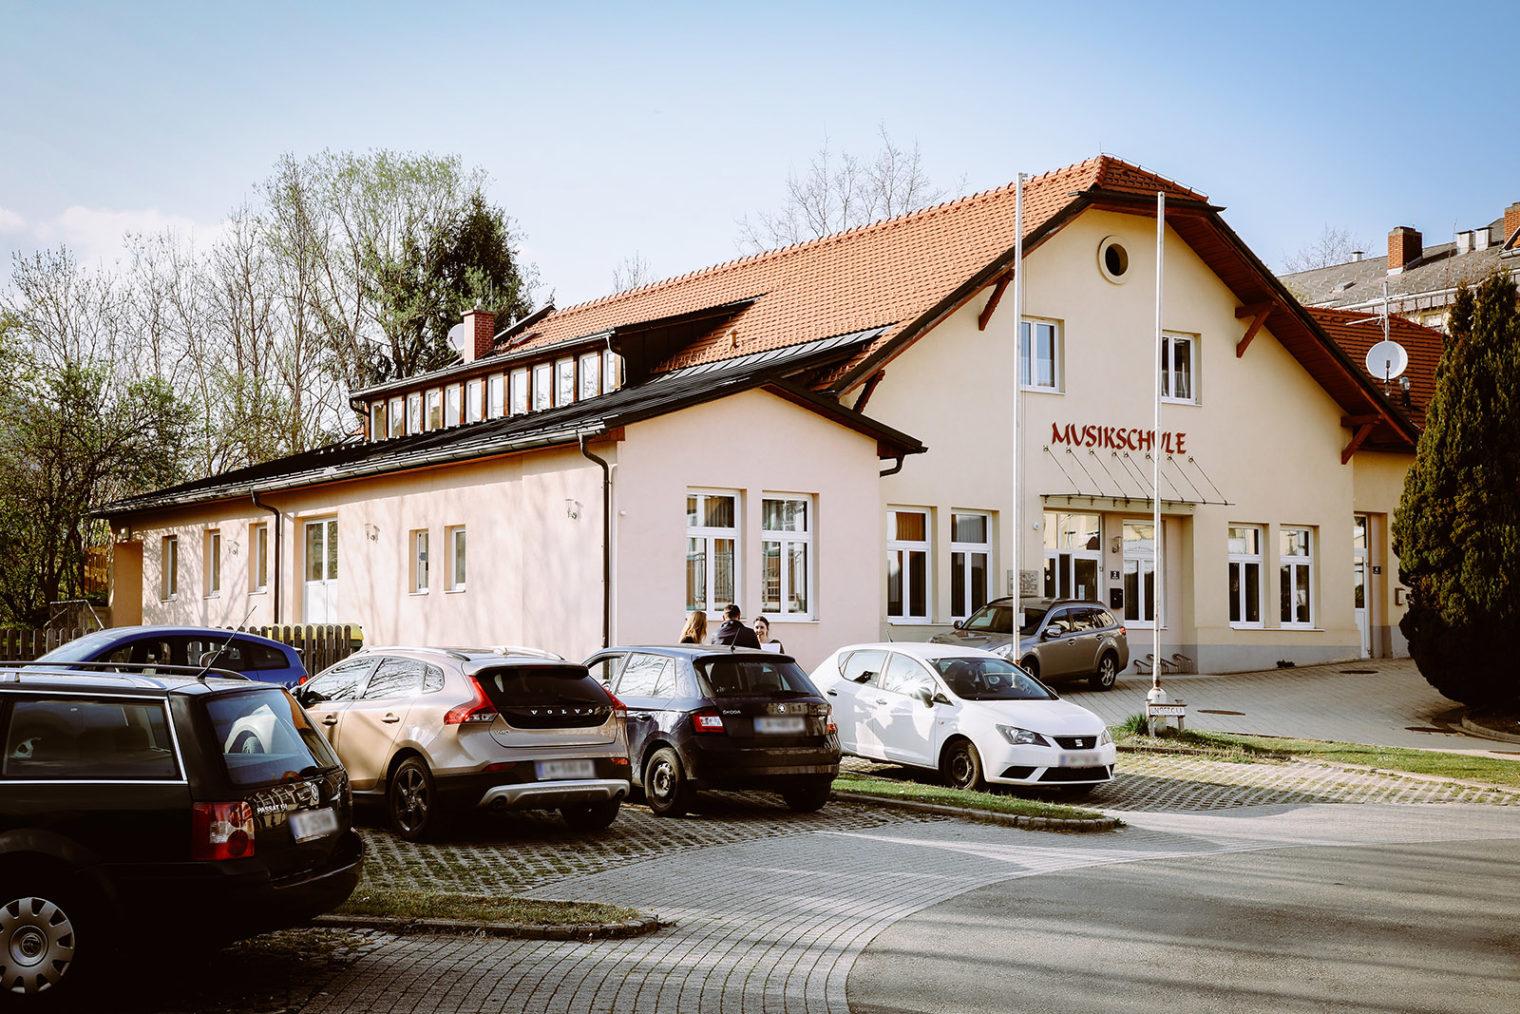 Außenaufnahme der Musikschule in St. Michael in der Obersteiermark